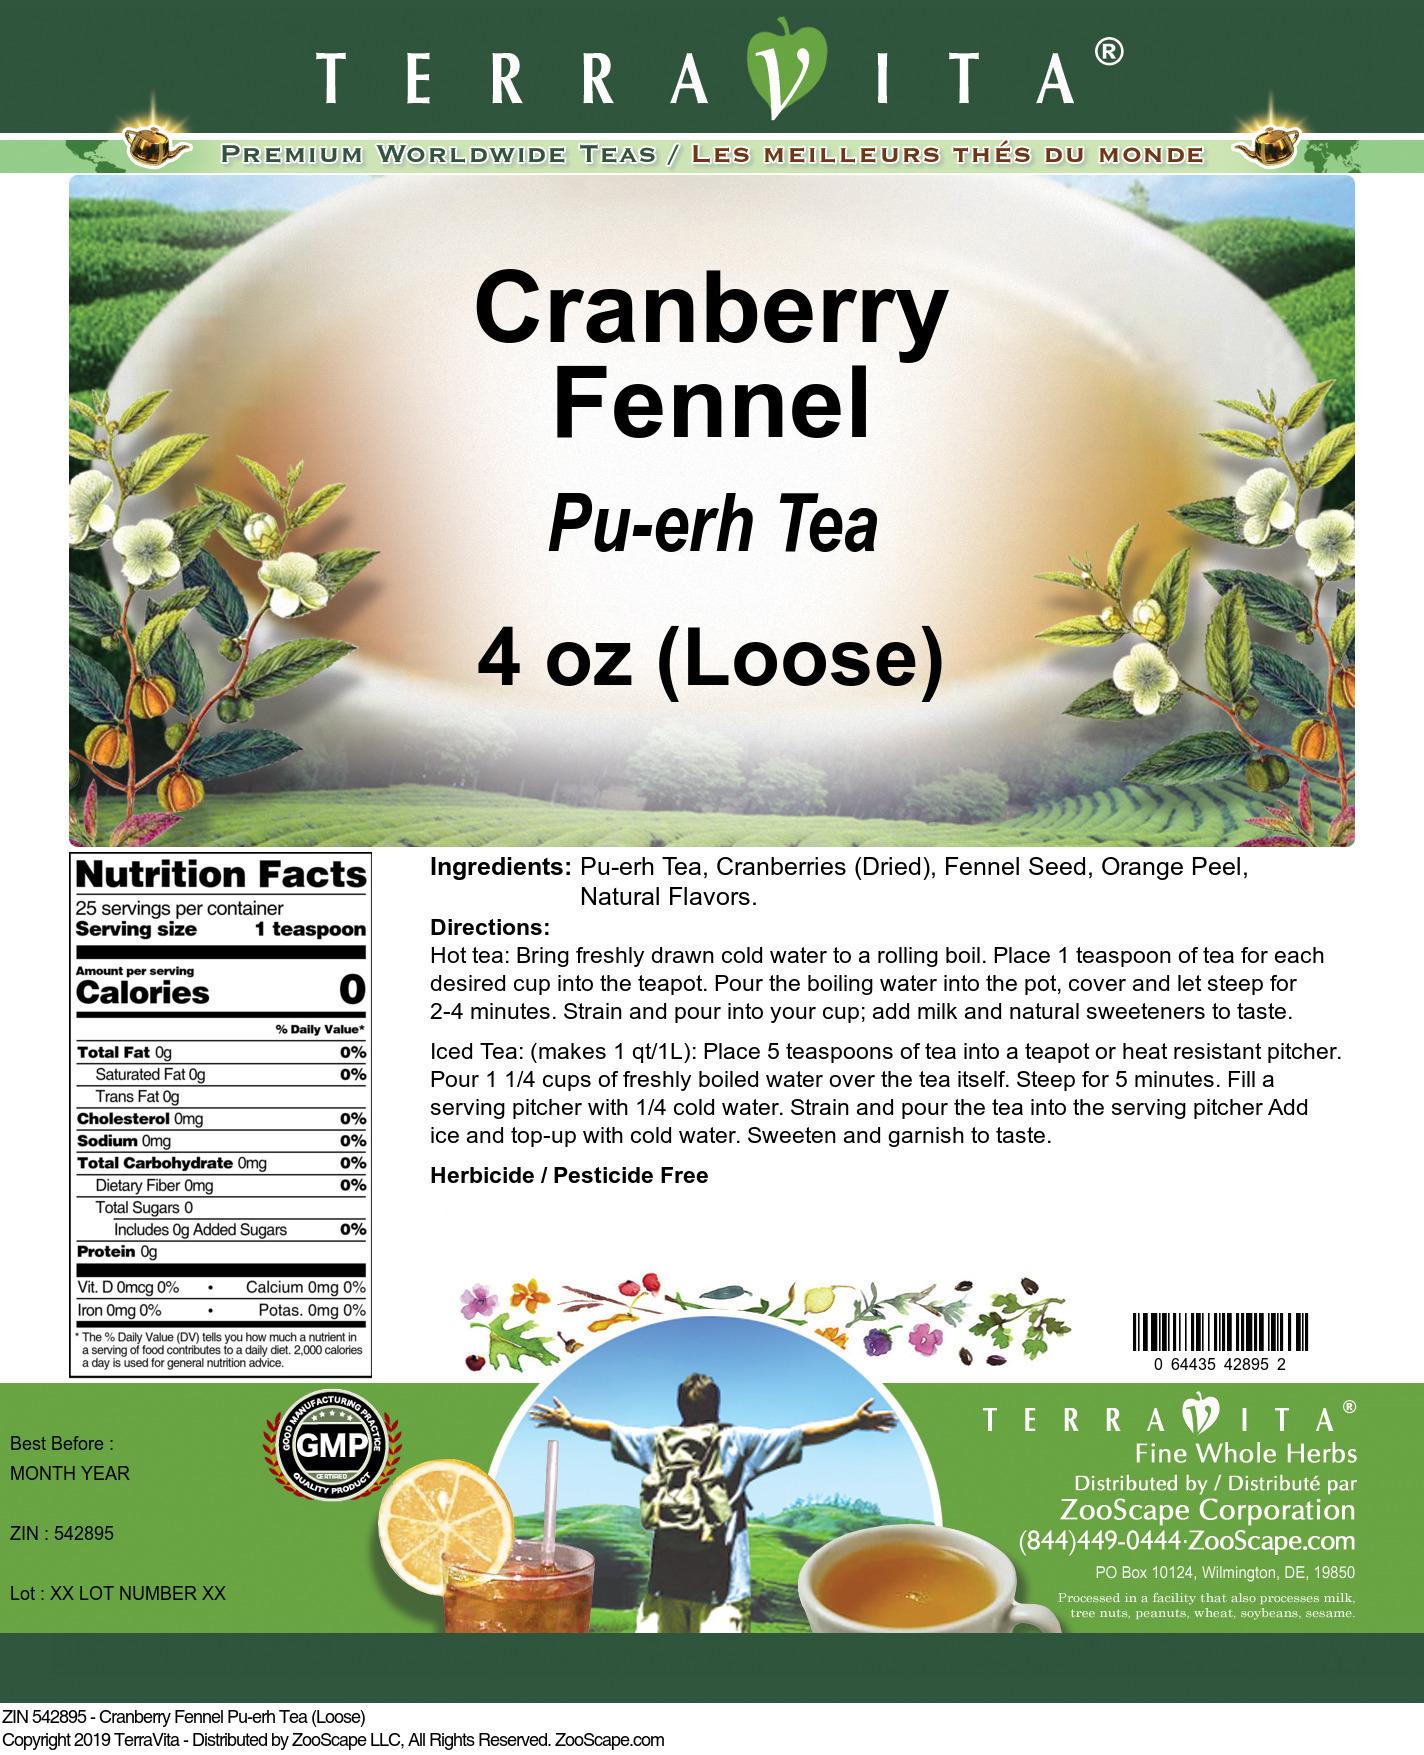 Cranberry Fennel Pu-erh Tea